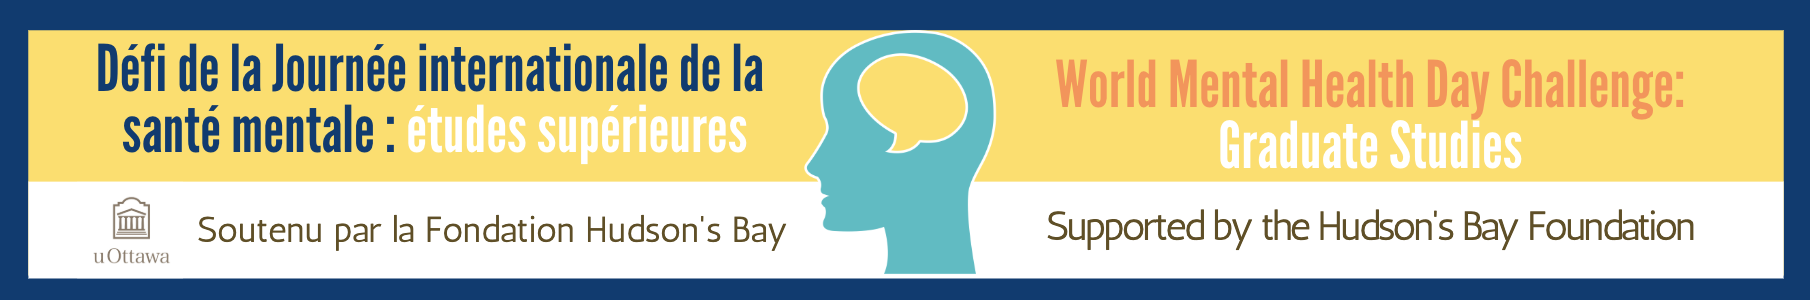 Défi de la Journée Internationale de la Santé Mentale